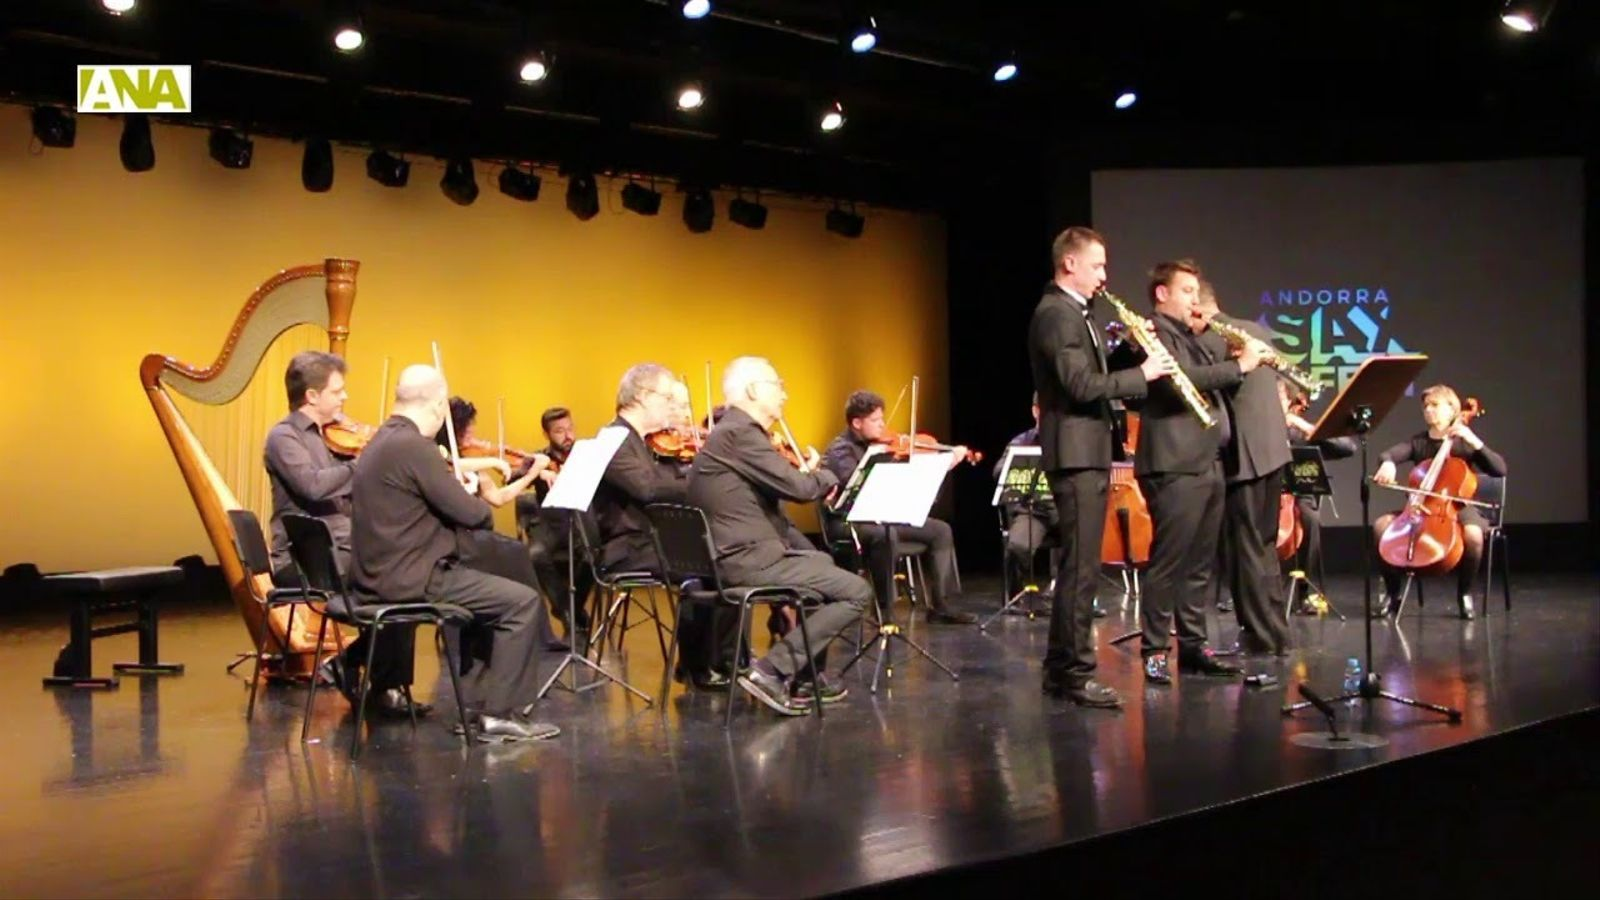 Actuació de l'ONCA a l'Andorra Sax Fest